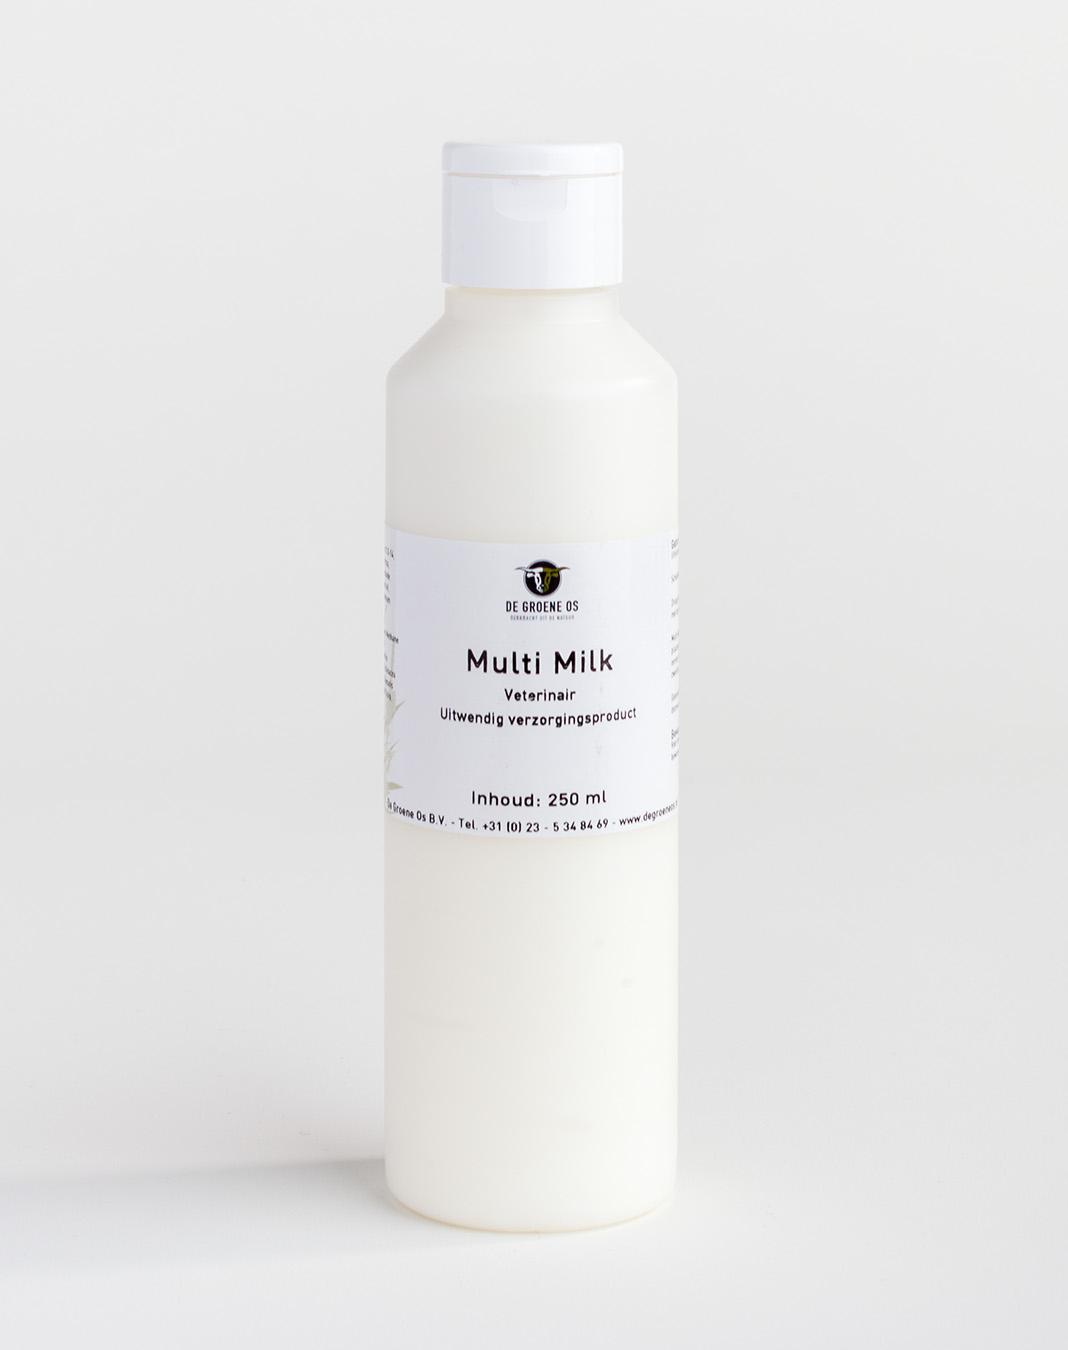 Multi milk